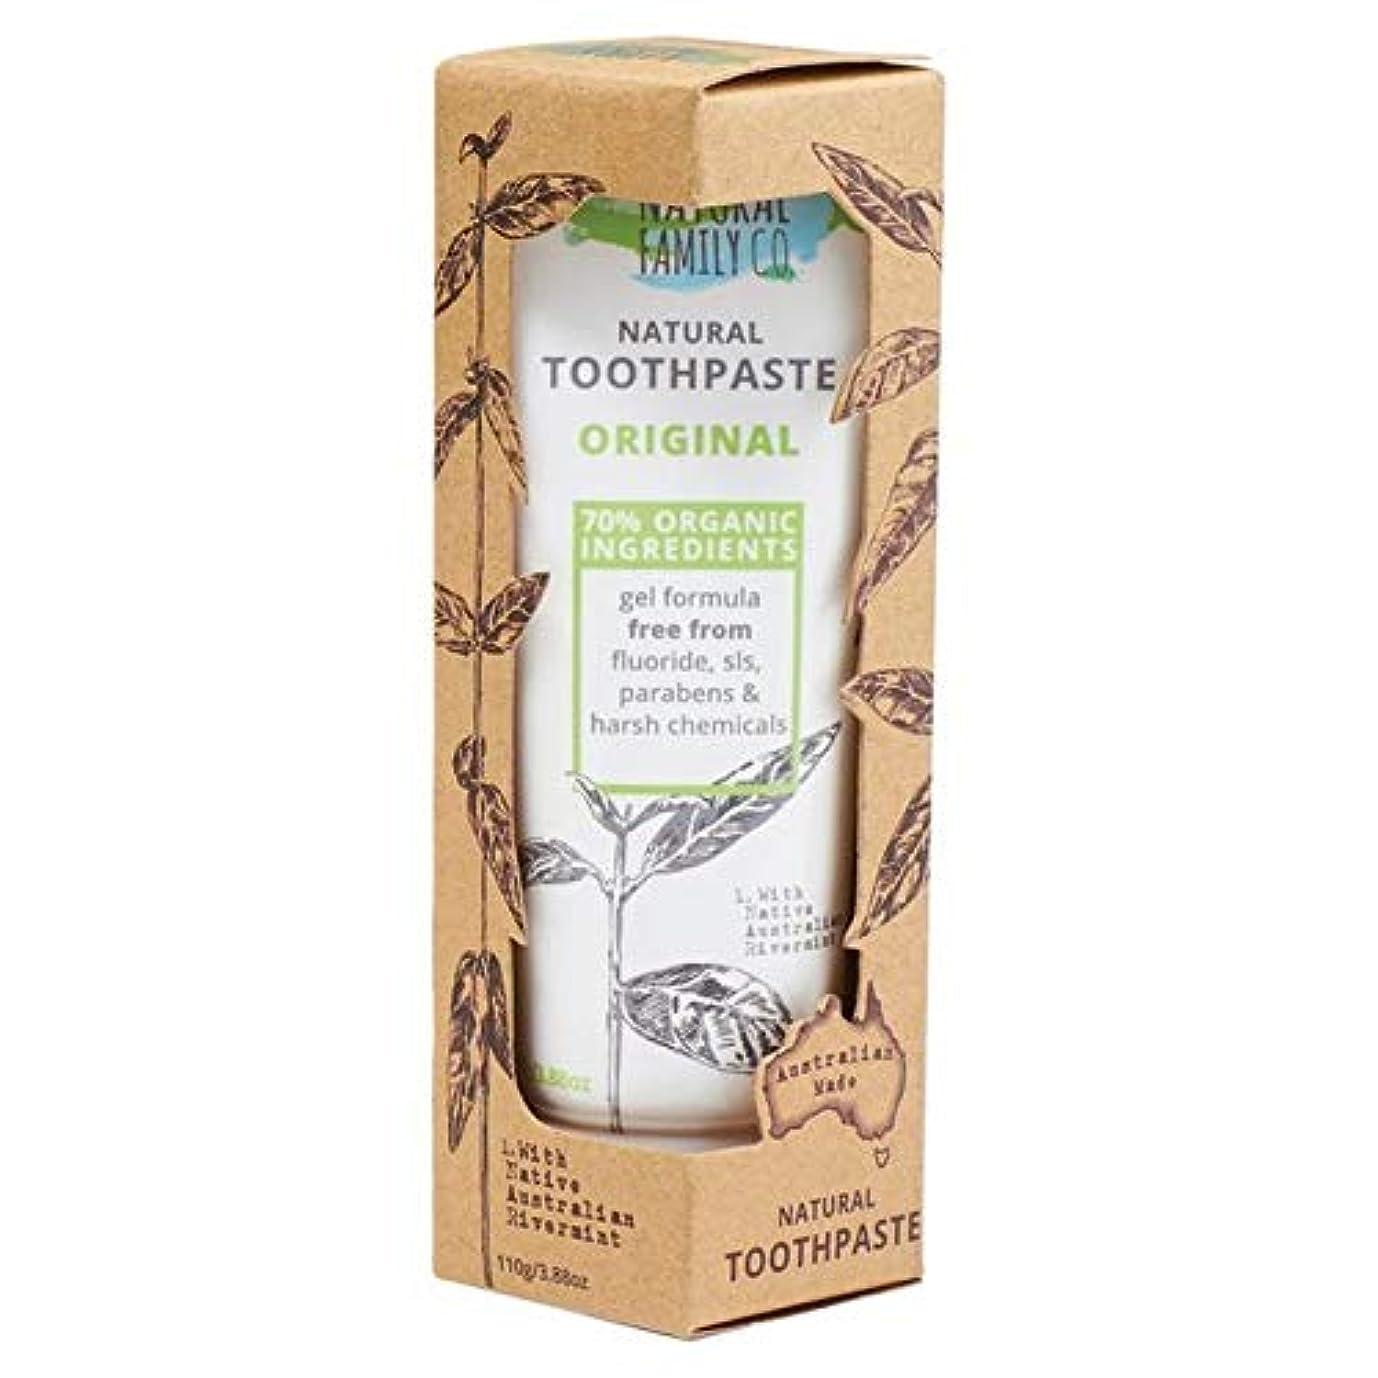 裂け目電話するなんとなく[Natural Family ] 自然な家族の元歯磨き粉の110グラム - Natural Family Original Toothpaste 110g [並行輸入品]